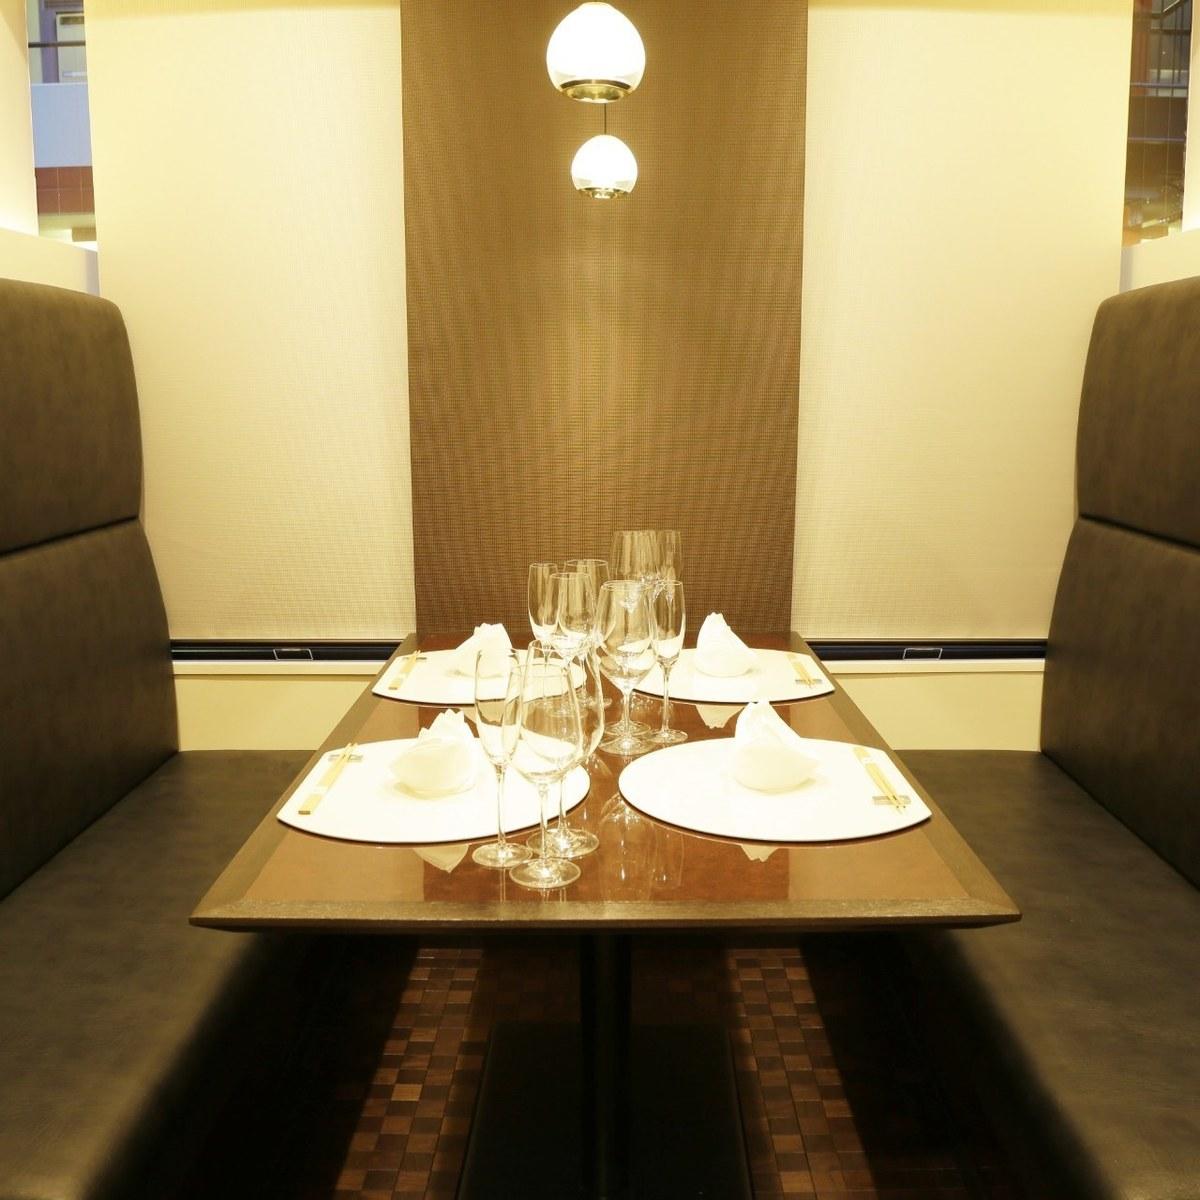 個室【椿】(3名様~4名様)ご友人やご家族との会食に最適ハイバックソファーでフランクなお食事の席に向いてます。4名様向けですが、6名様の場合もご相談くださいませ。